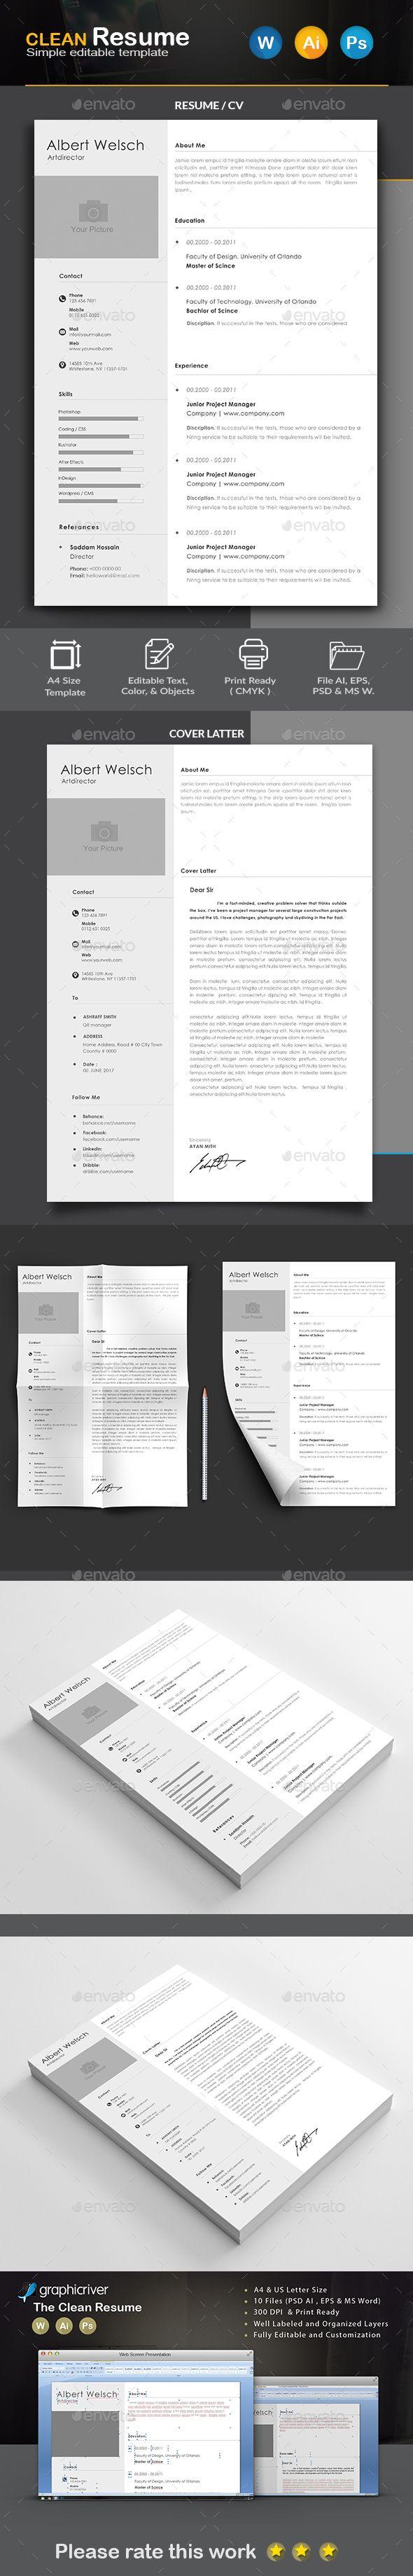 Clean Resume | Diseño de currículum y Currículum